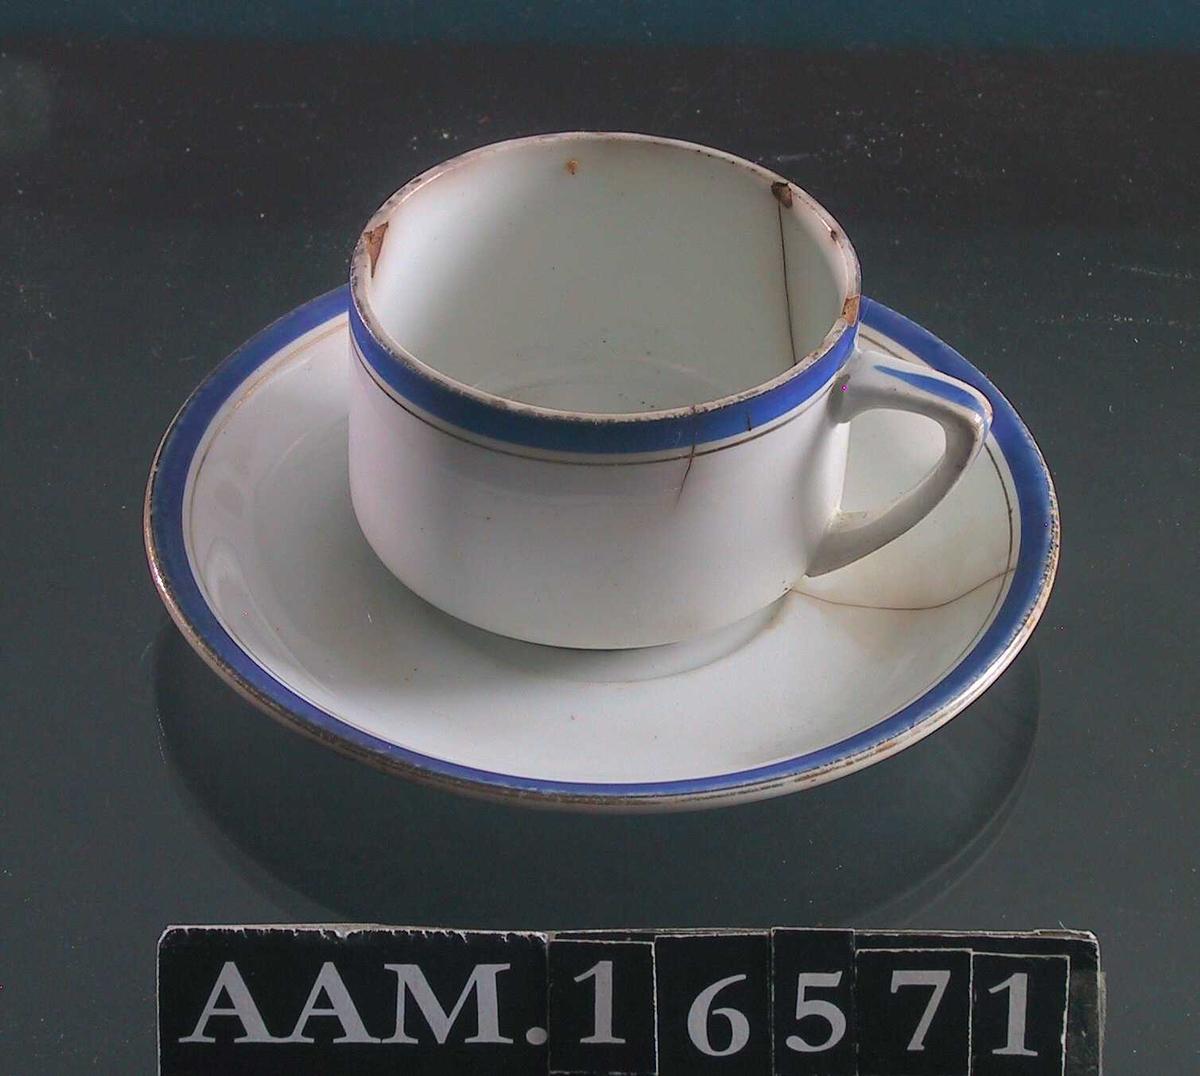 Kopp og skål,  hverdagsbruk  vitt, ustemplet stentøy. Kant i koboltblått med gul1stripe. a) Kopp. Rettsidet vid kopp,  trekantet hank med blå stripe. Stekk og hakk.  b) Skål. Stekk fra kanten.